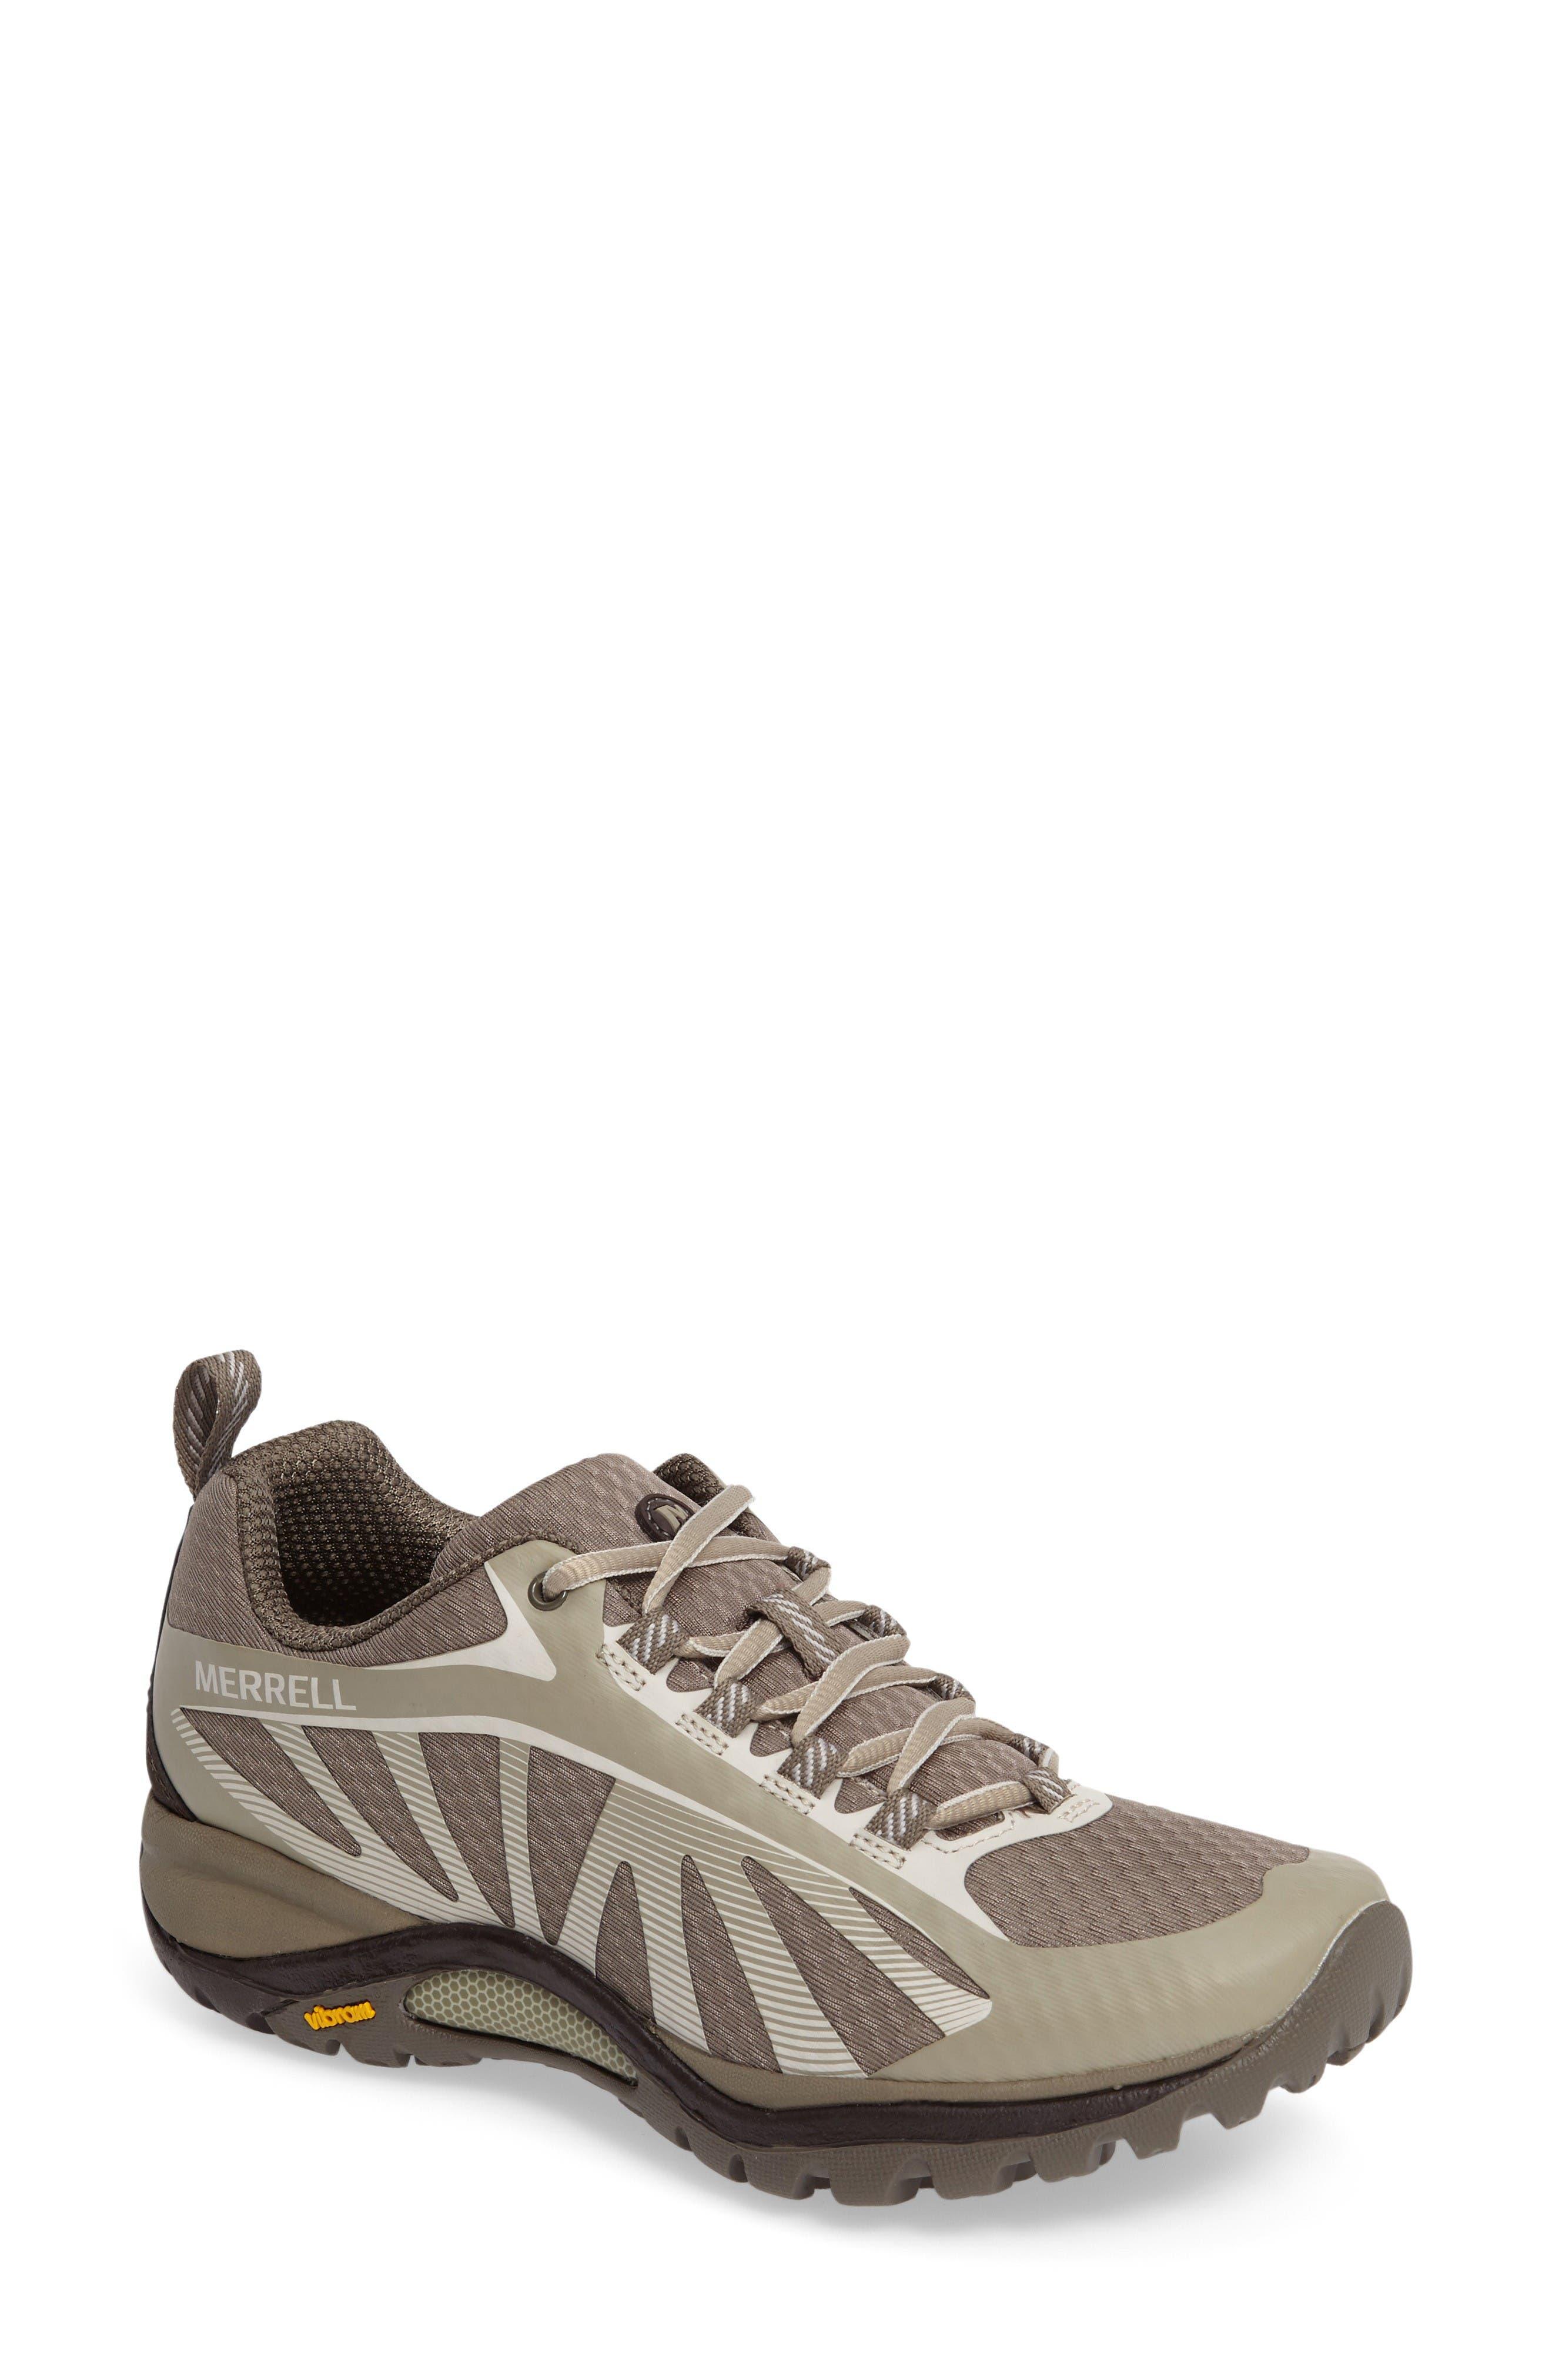 Alternate Image 1 Selected - Merrell 'Siren Edge' Hiking Shoe (Women)